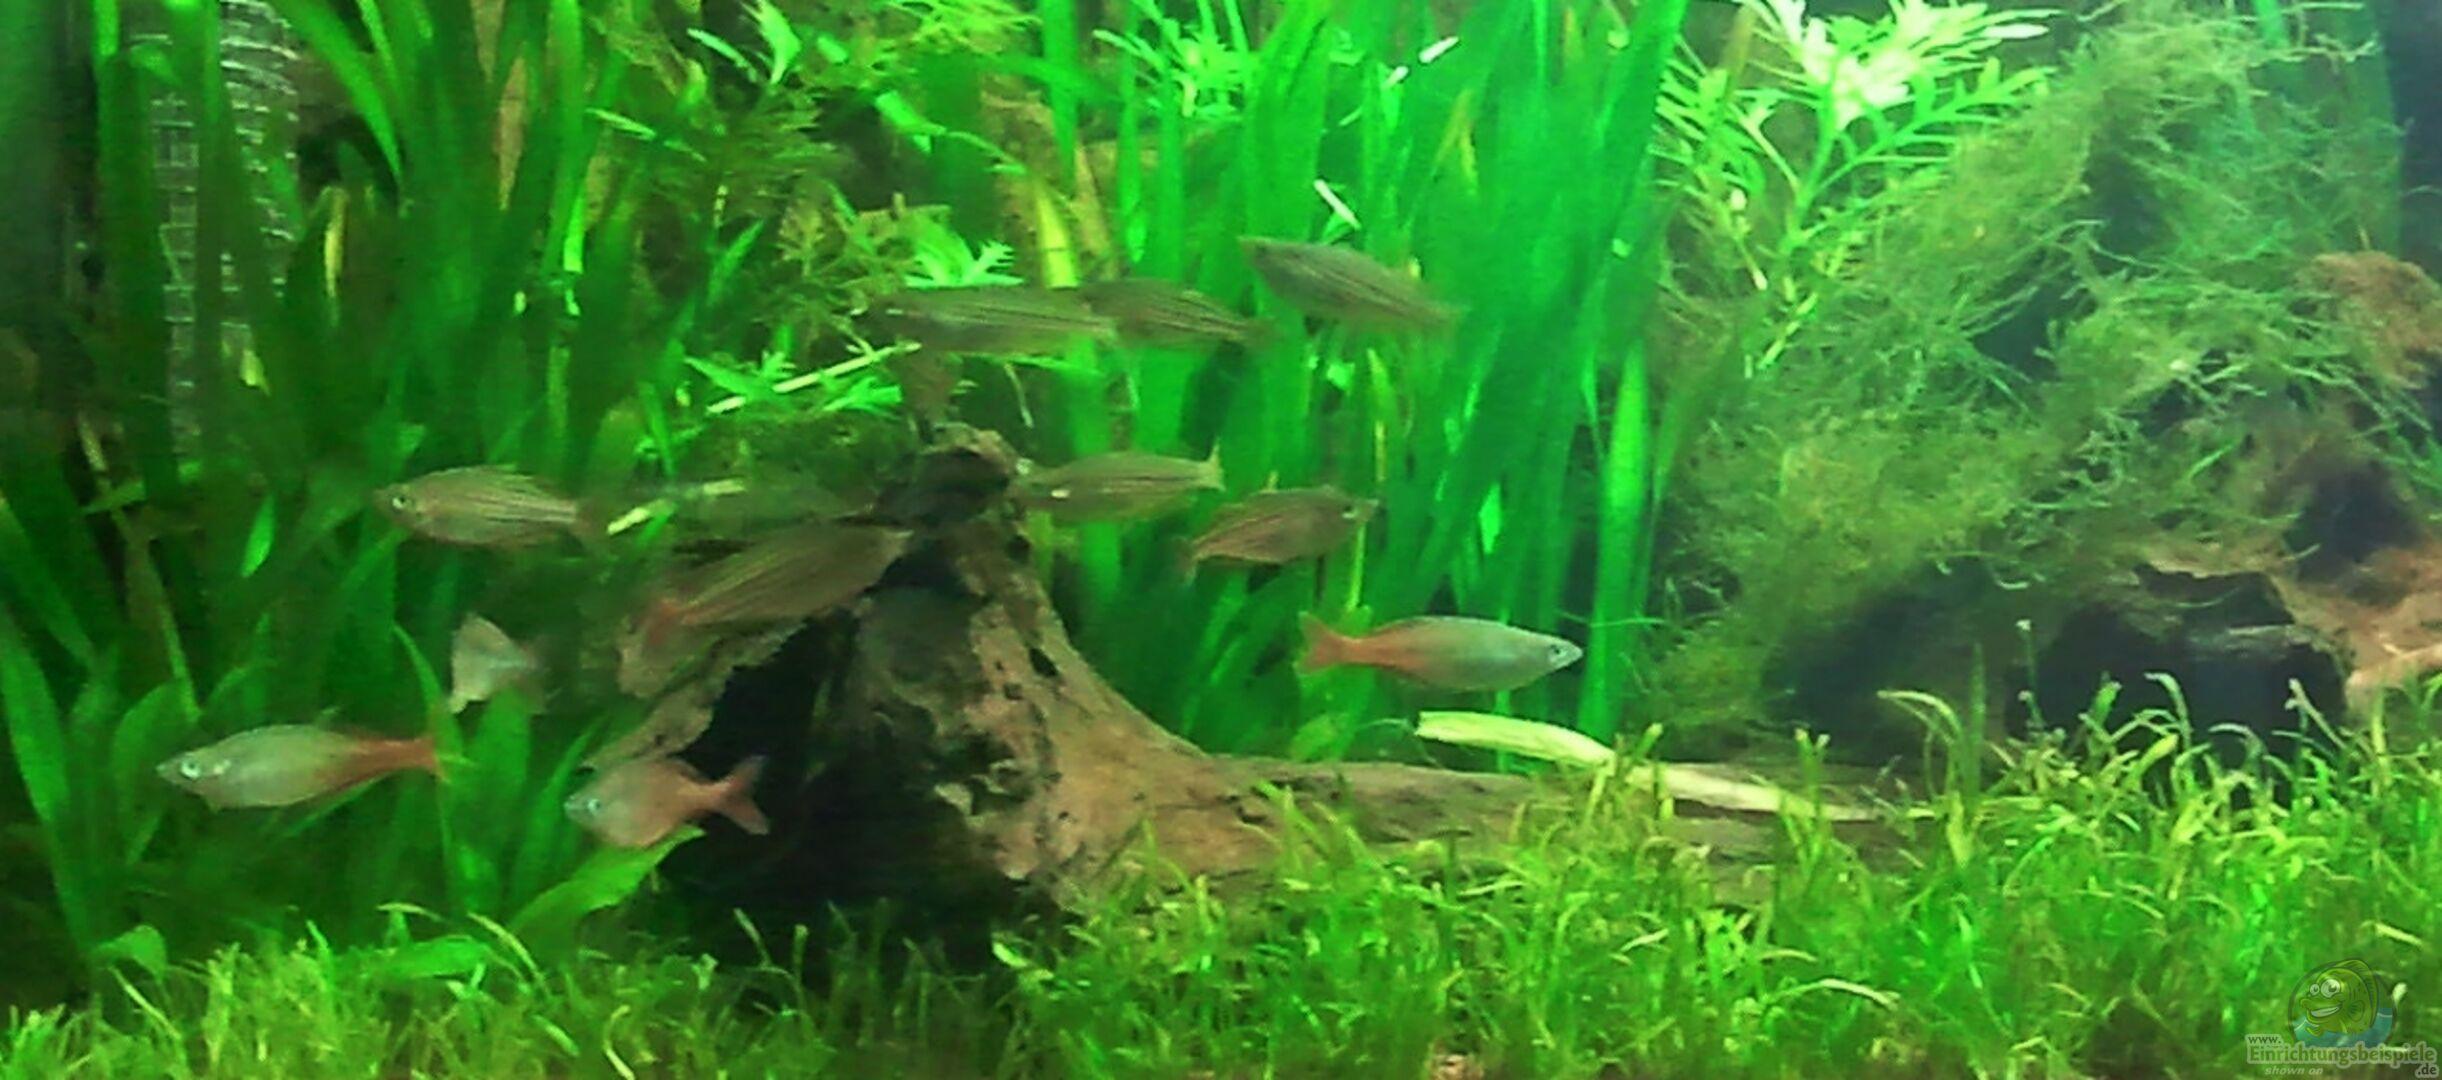 rainbowfan 23103 underwater rainbows nurnoch beispiel. Black Bedroom Furniture Sets. Home Design Ideas